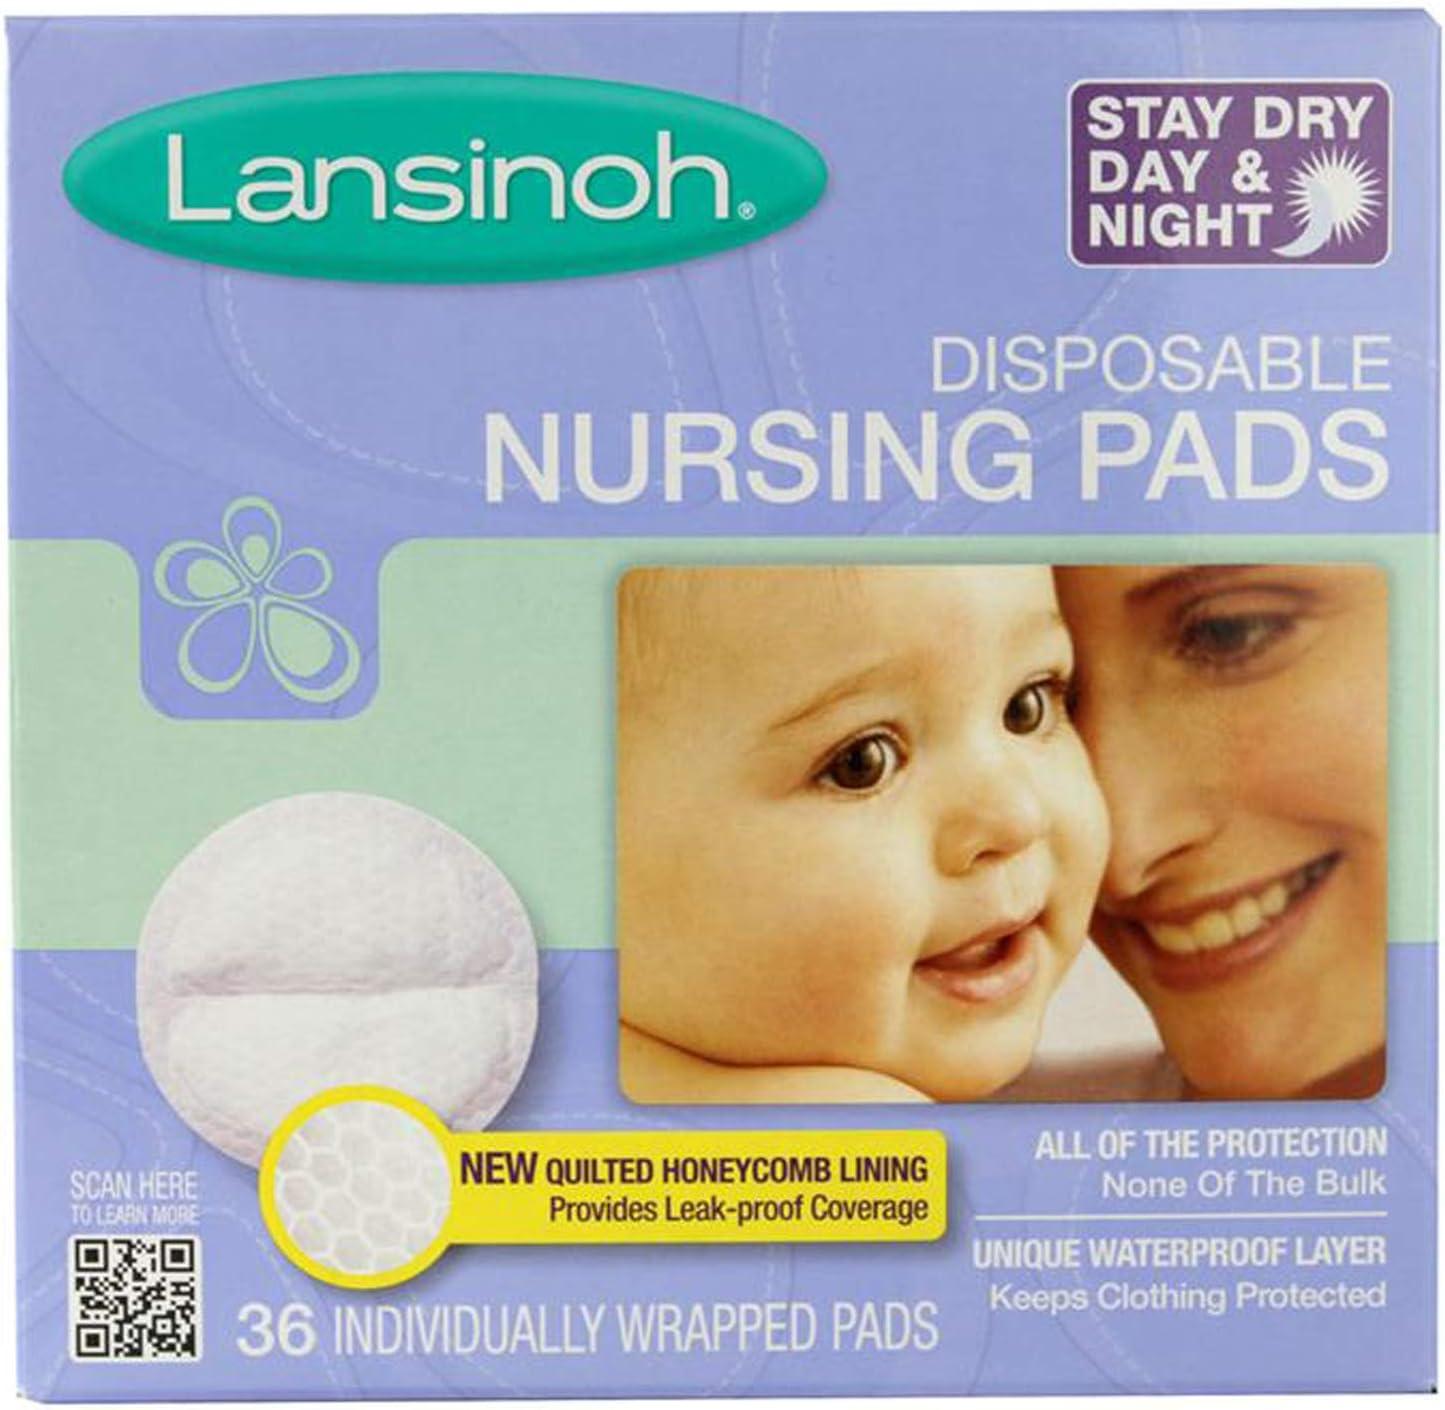 Lansinoh Disposable Nursing Fashion - Seattle Mall Pads 36-Pk